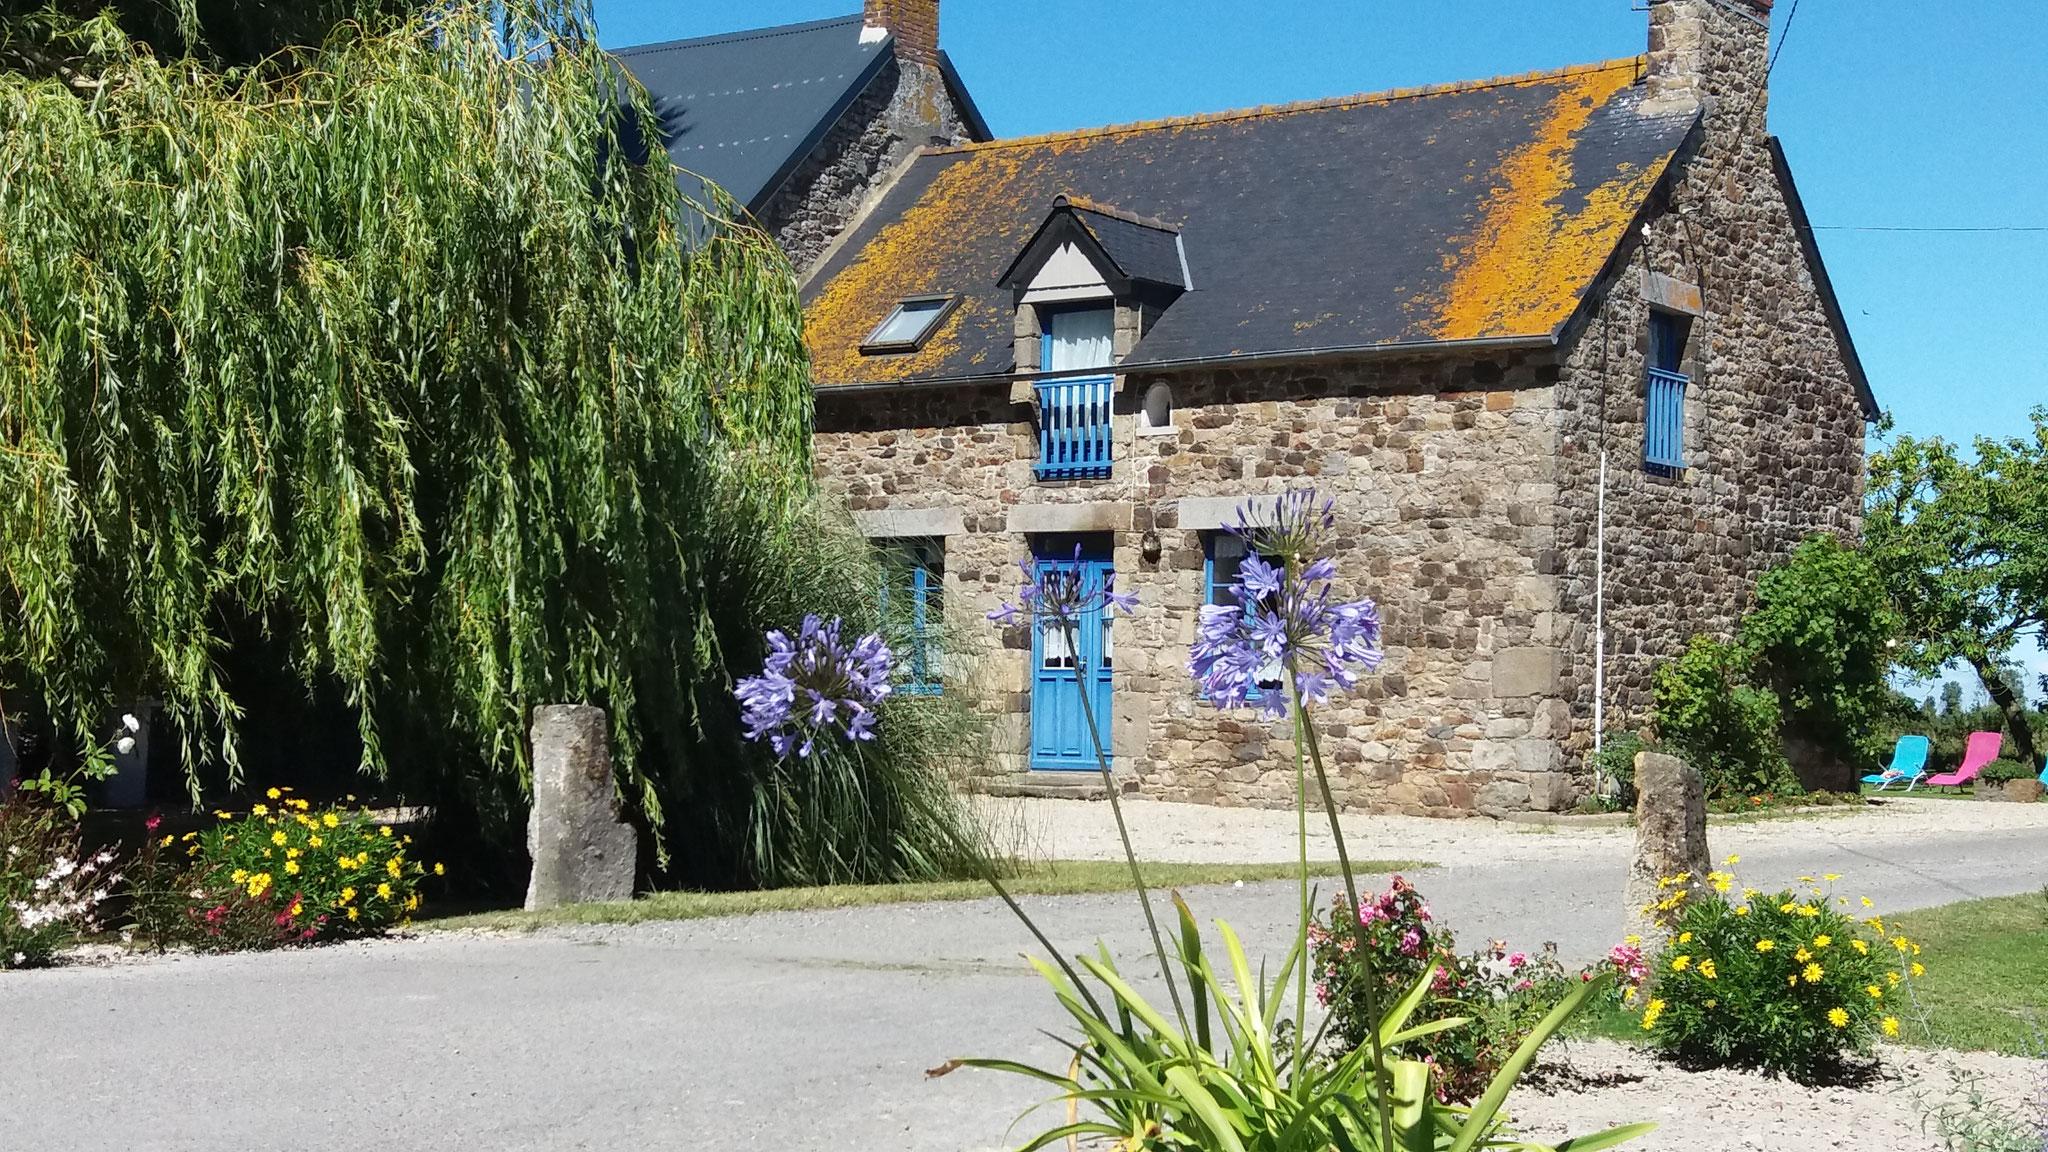 Maisons Familiales De Vacances En Bretagne   Ventana Blog